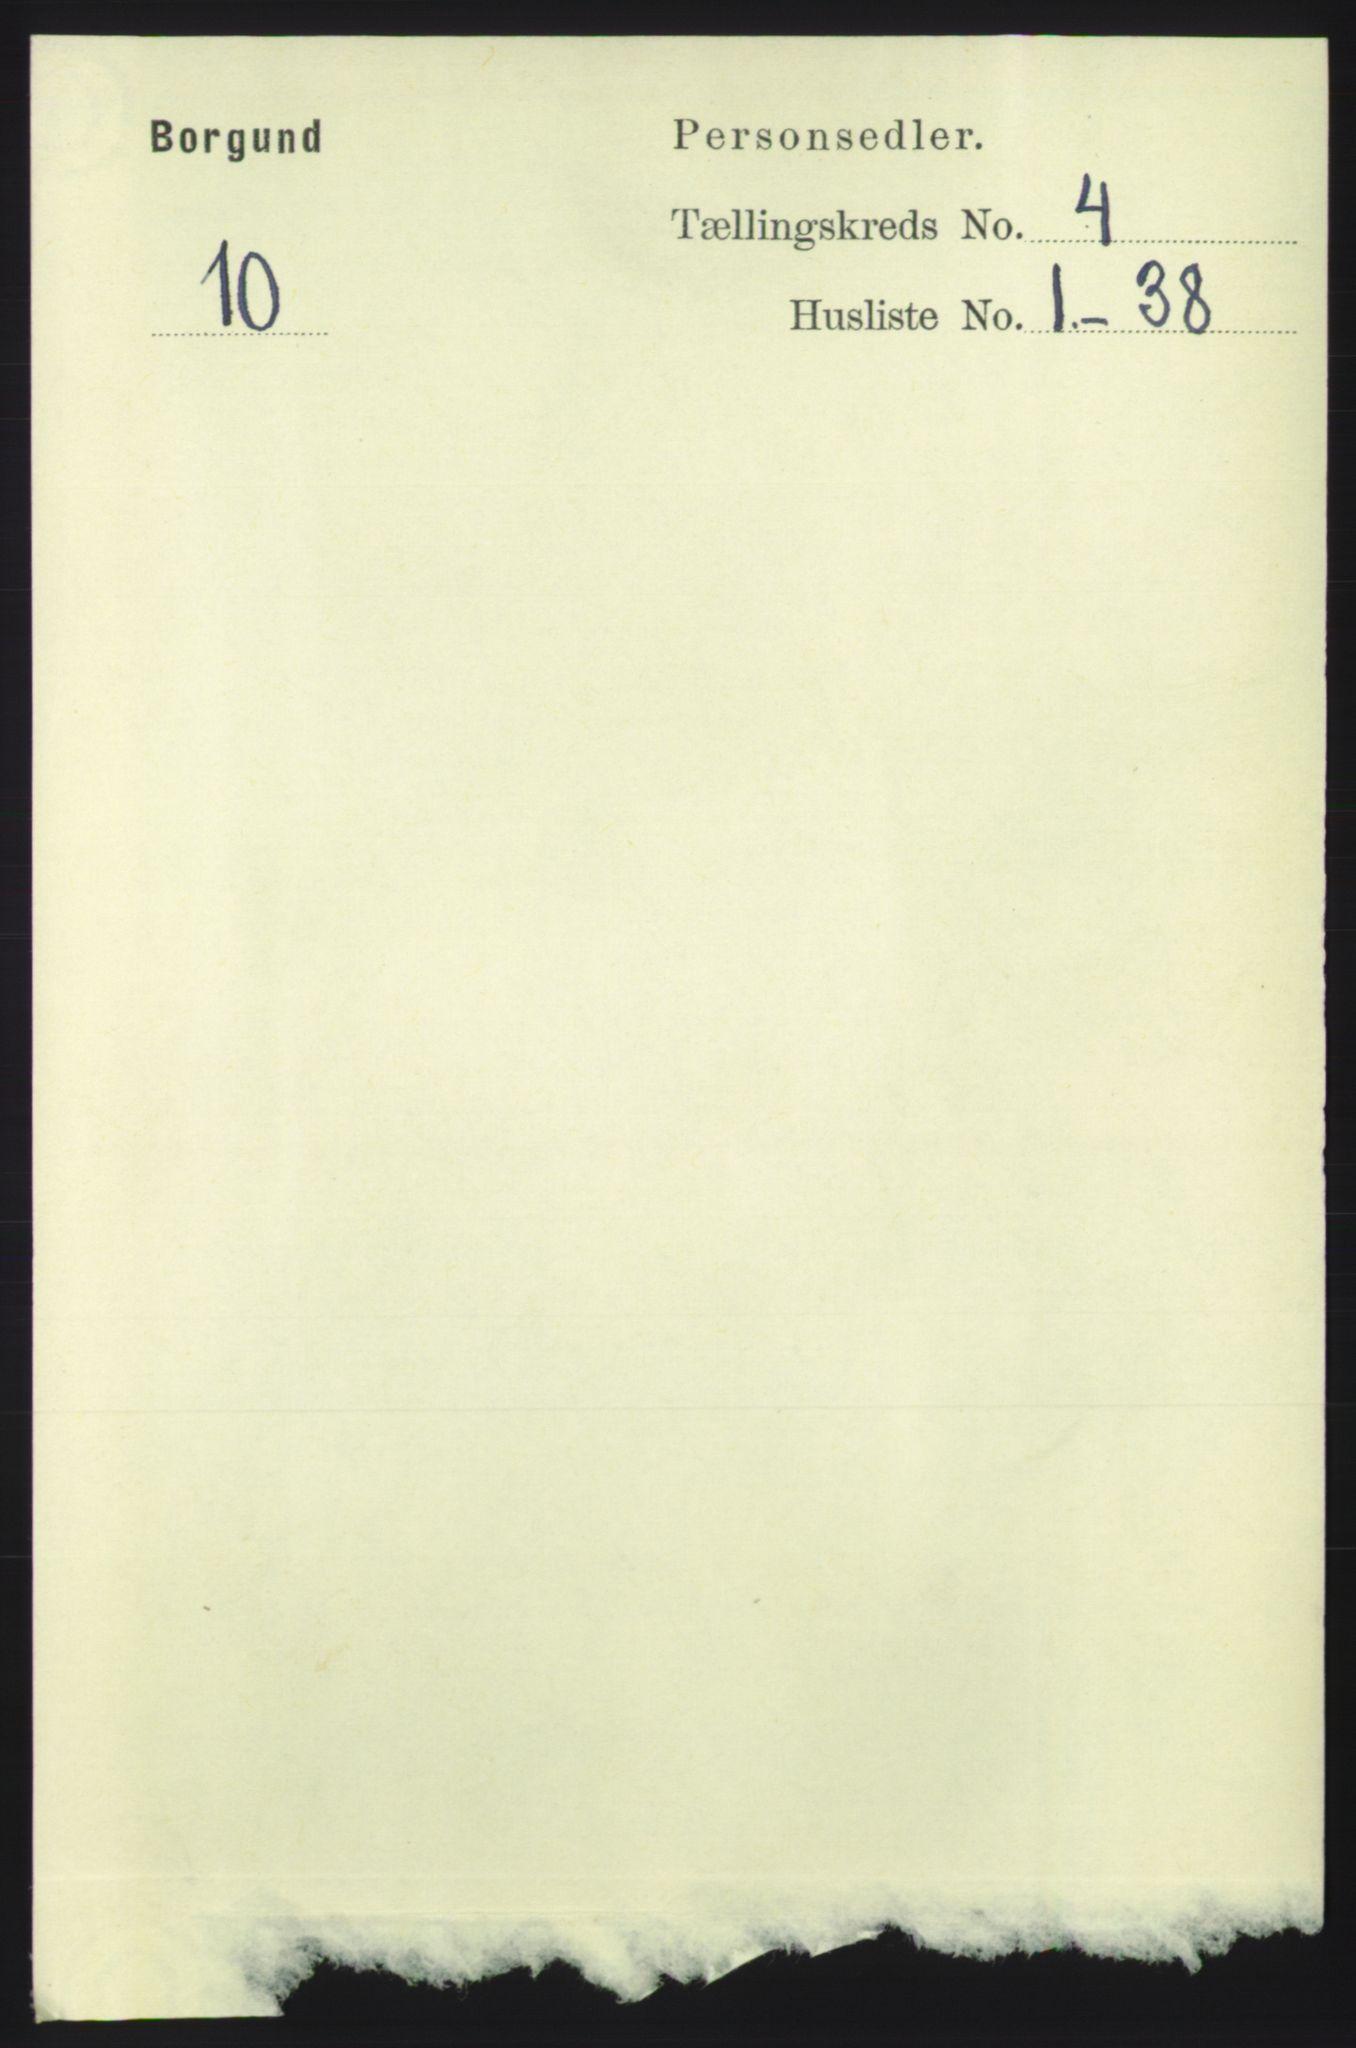 RA, Folketelling 1891 for 1531 Borgund herred, 1891, s. 999